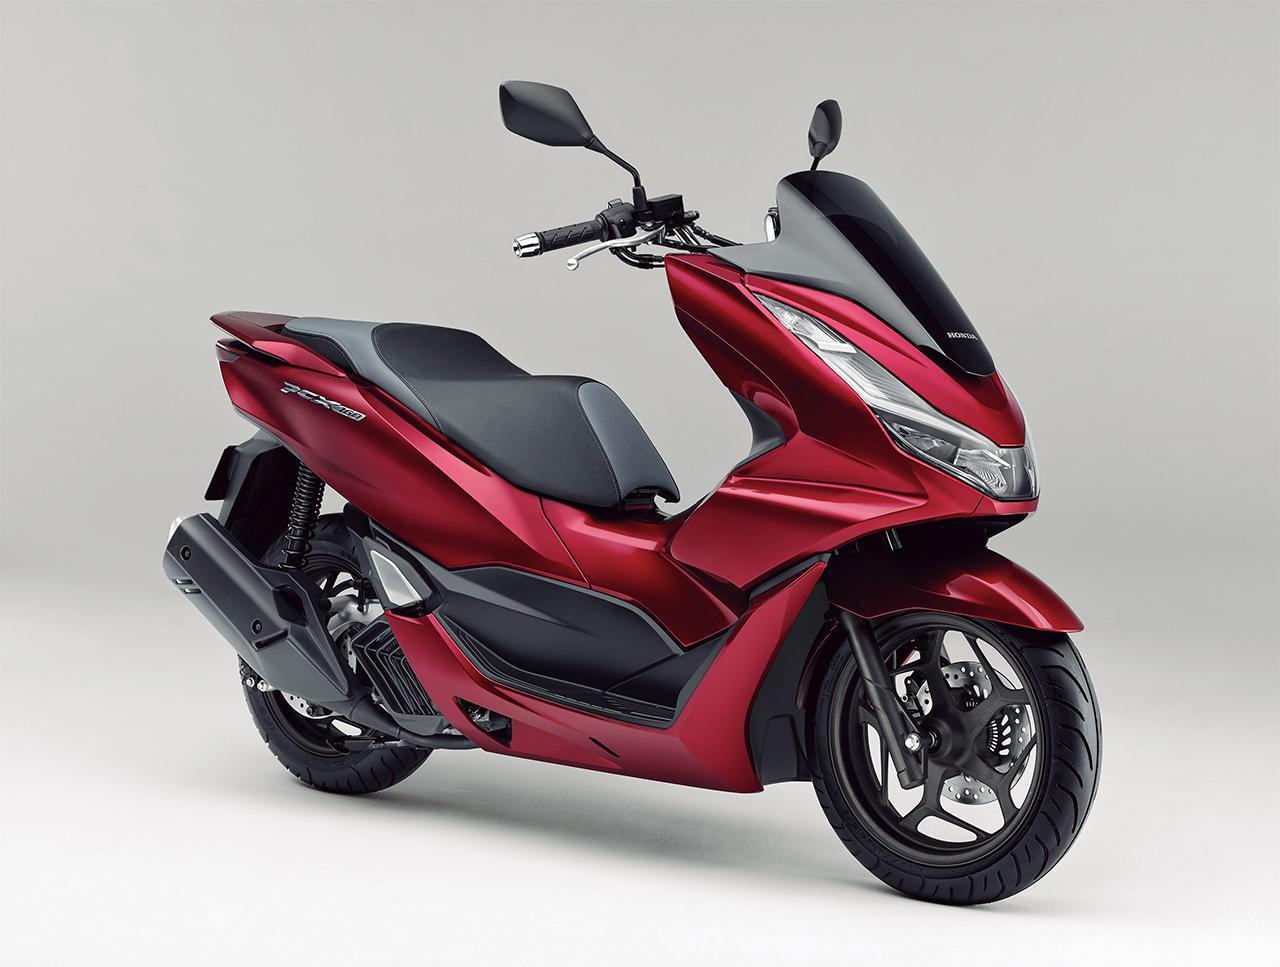 画像1: ホンダ「PCX160」【1分で読める 2021年に新車で購入可能な150ccバイク紹介】